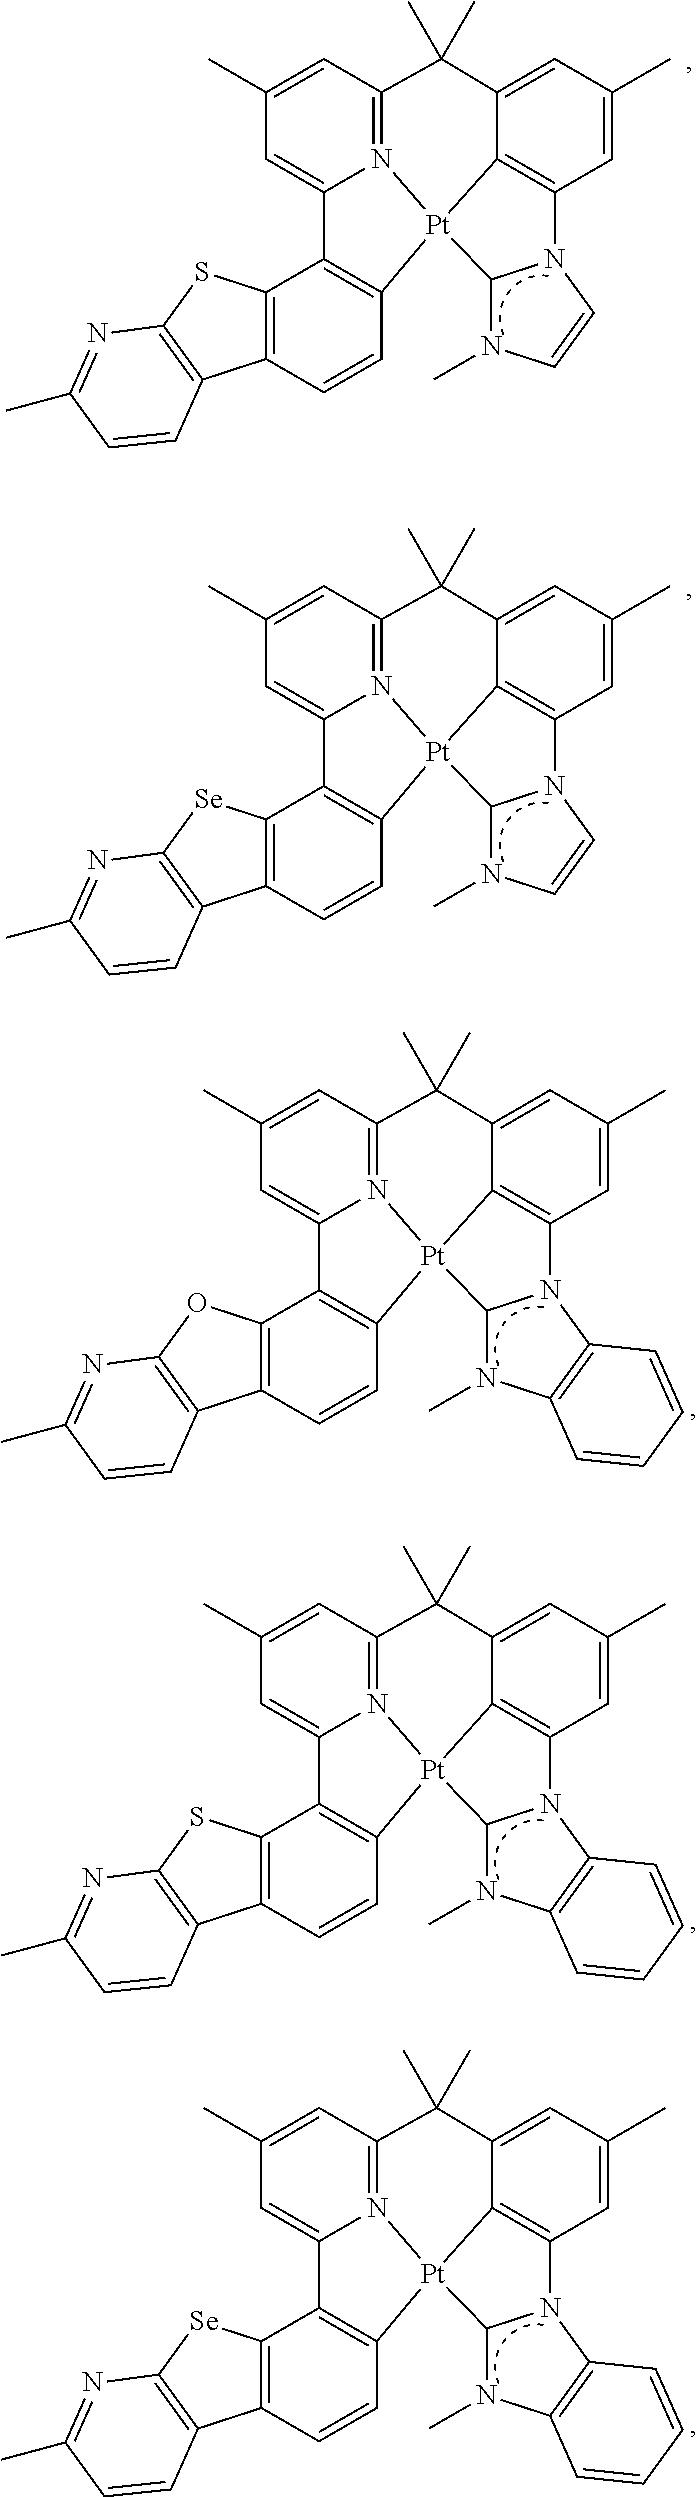 Figure US09871214-20180116-C00303